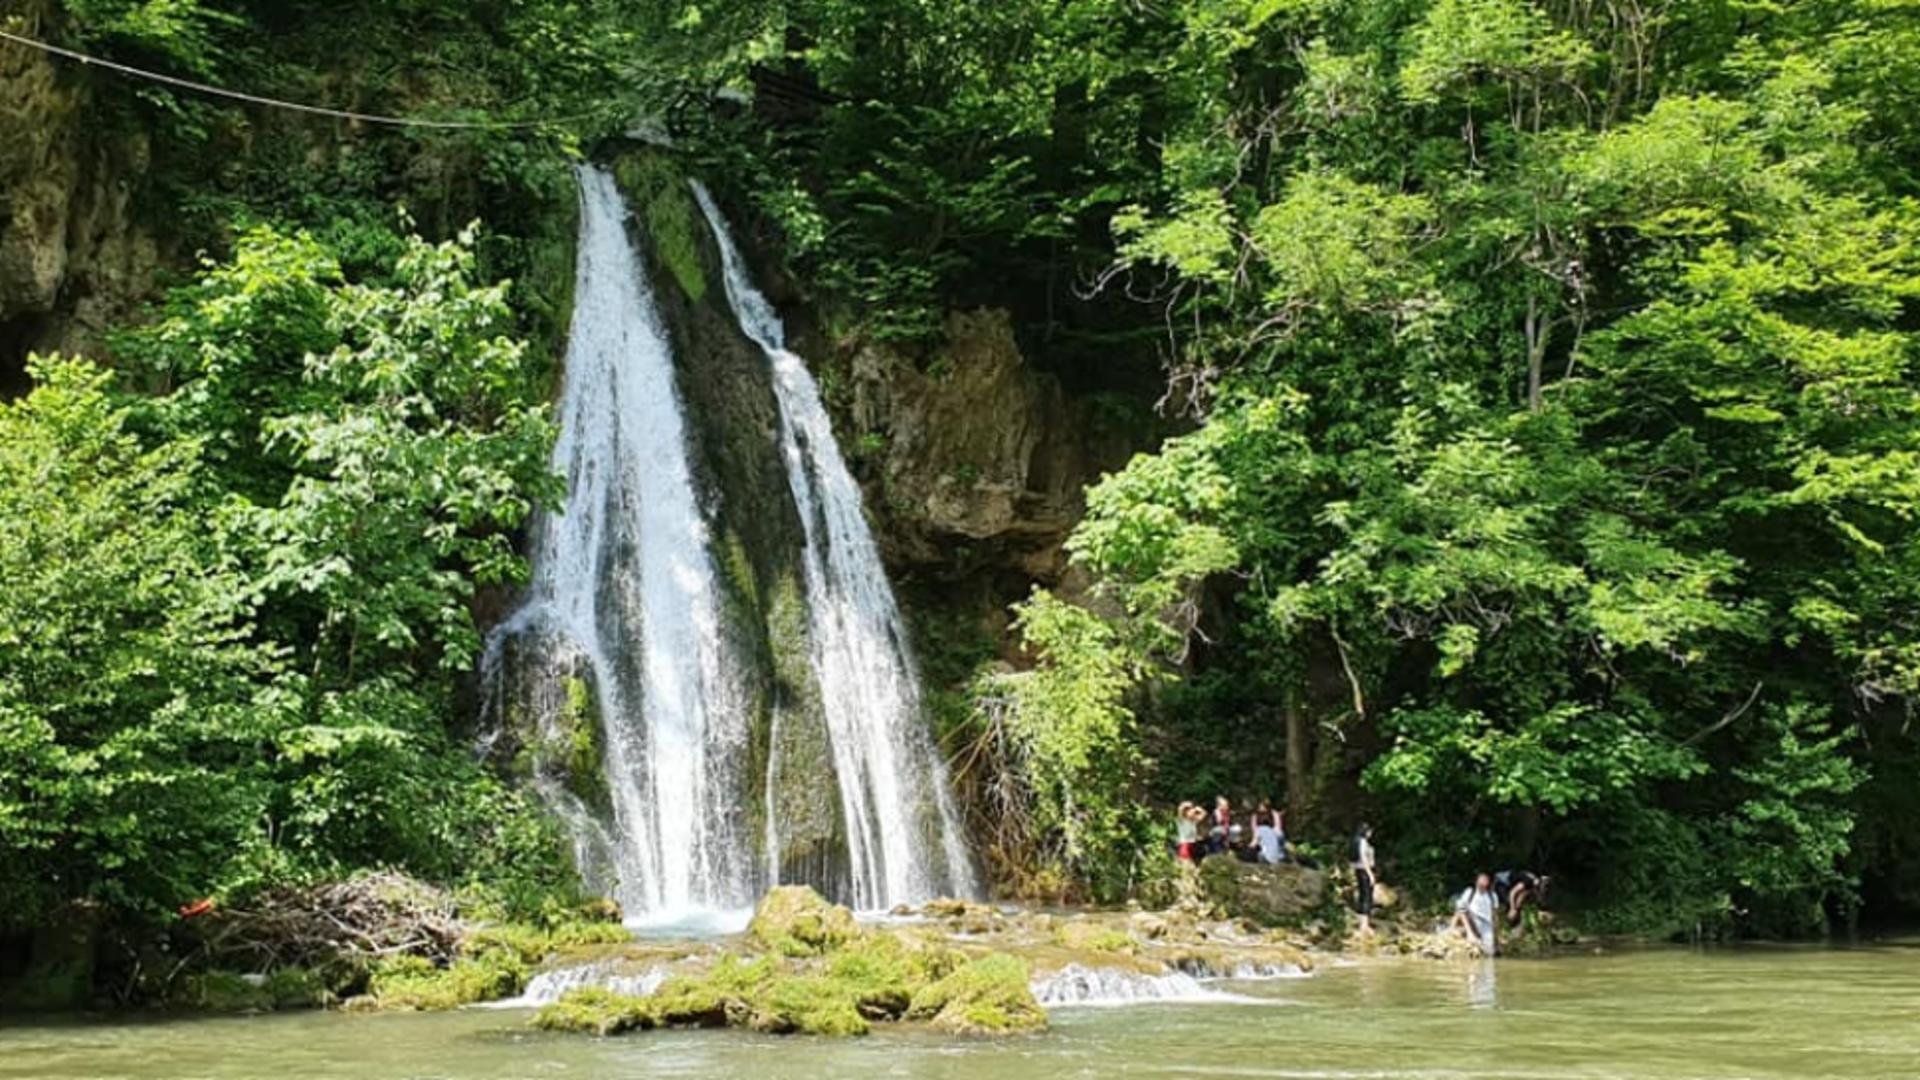 MINUNEA naturală din munții Piatra Craiului ce atrage turiștii după prăbușirea cascadei Bigăr - Imagini SPECTACULOASE de la Vadu Crișului